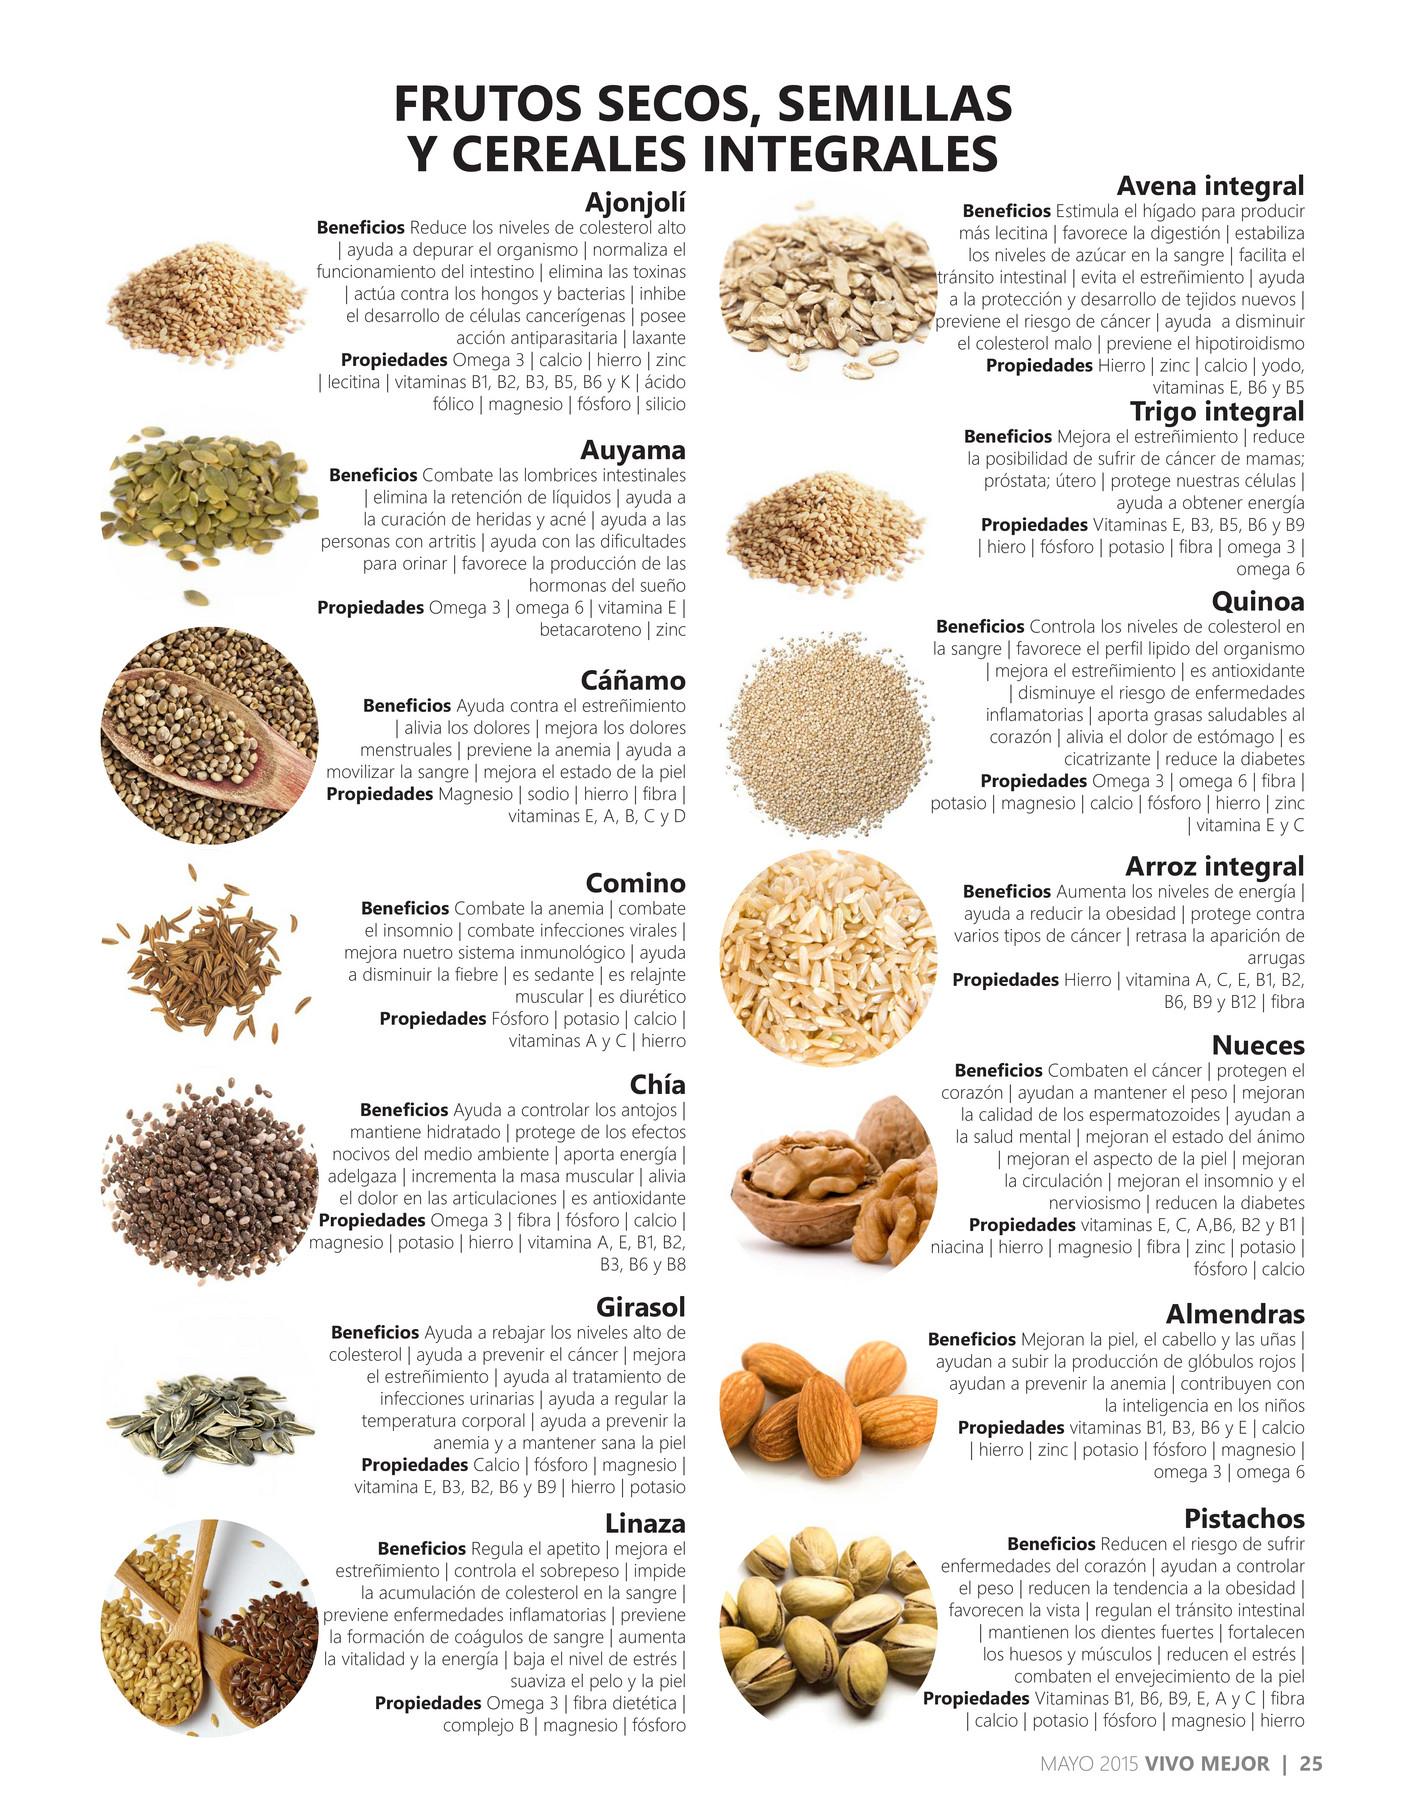 propiedades del calcio magnesio y zinc